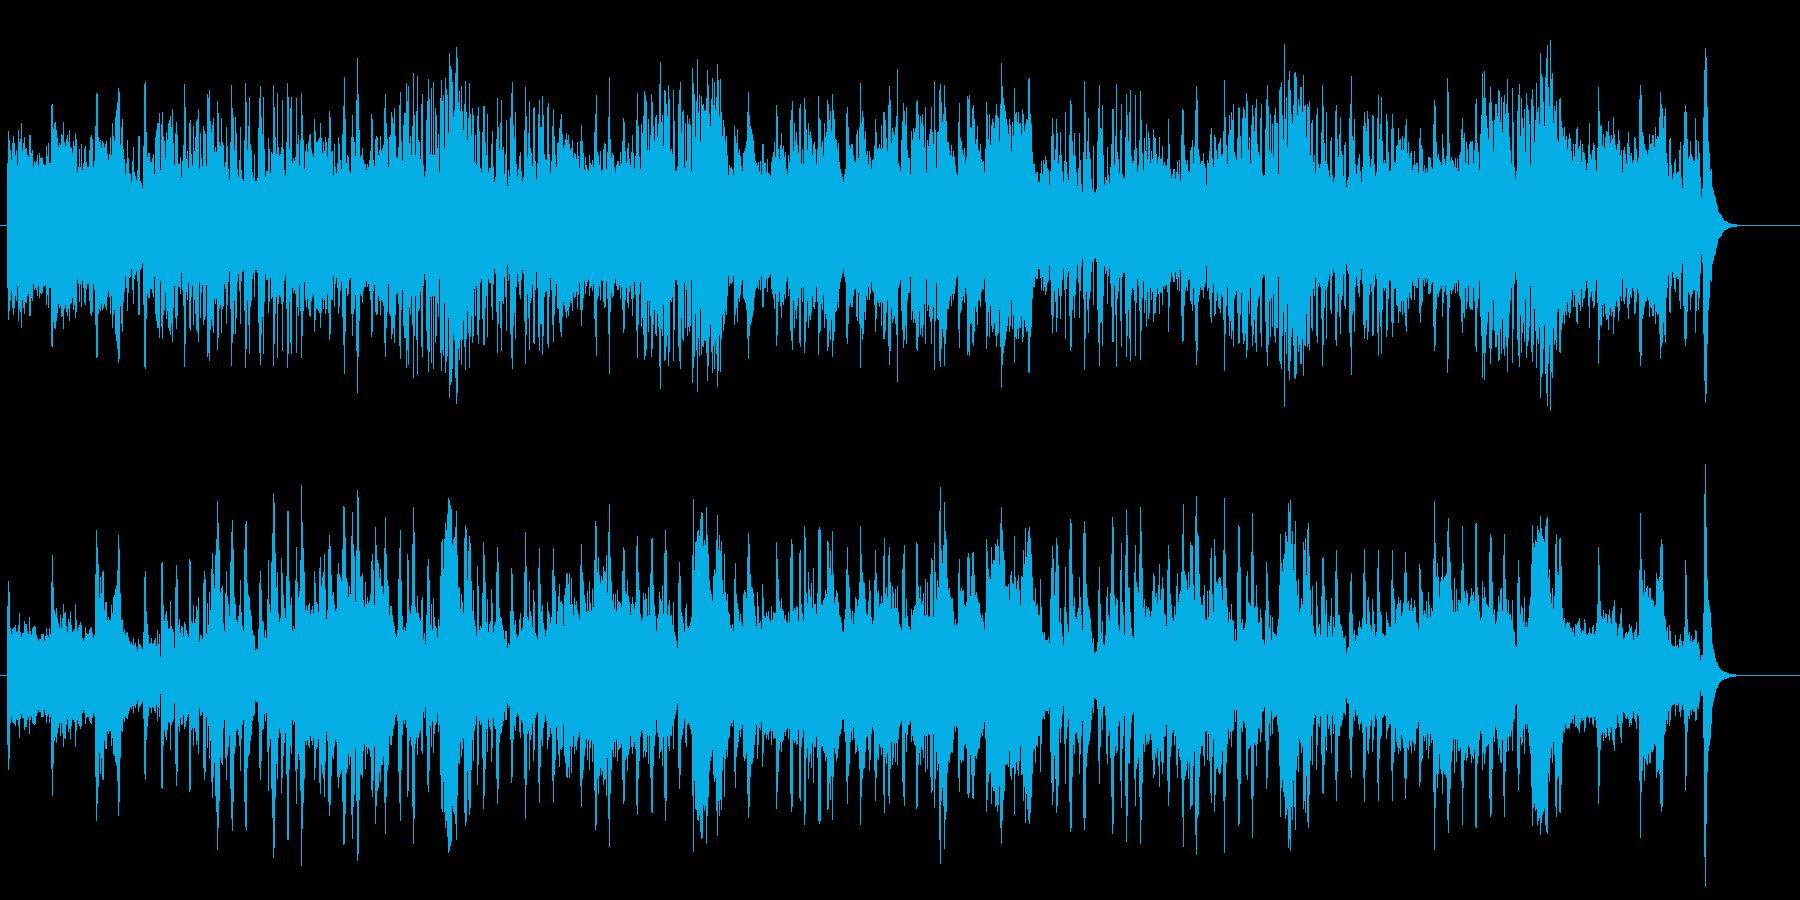 動物、ティーパーティー風景に合うワルツの再生済みの波形